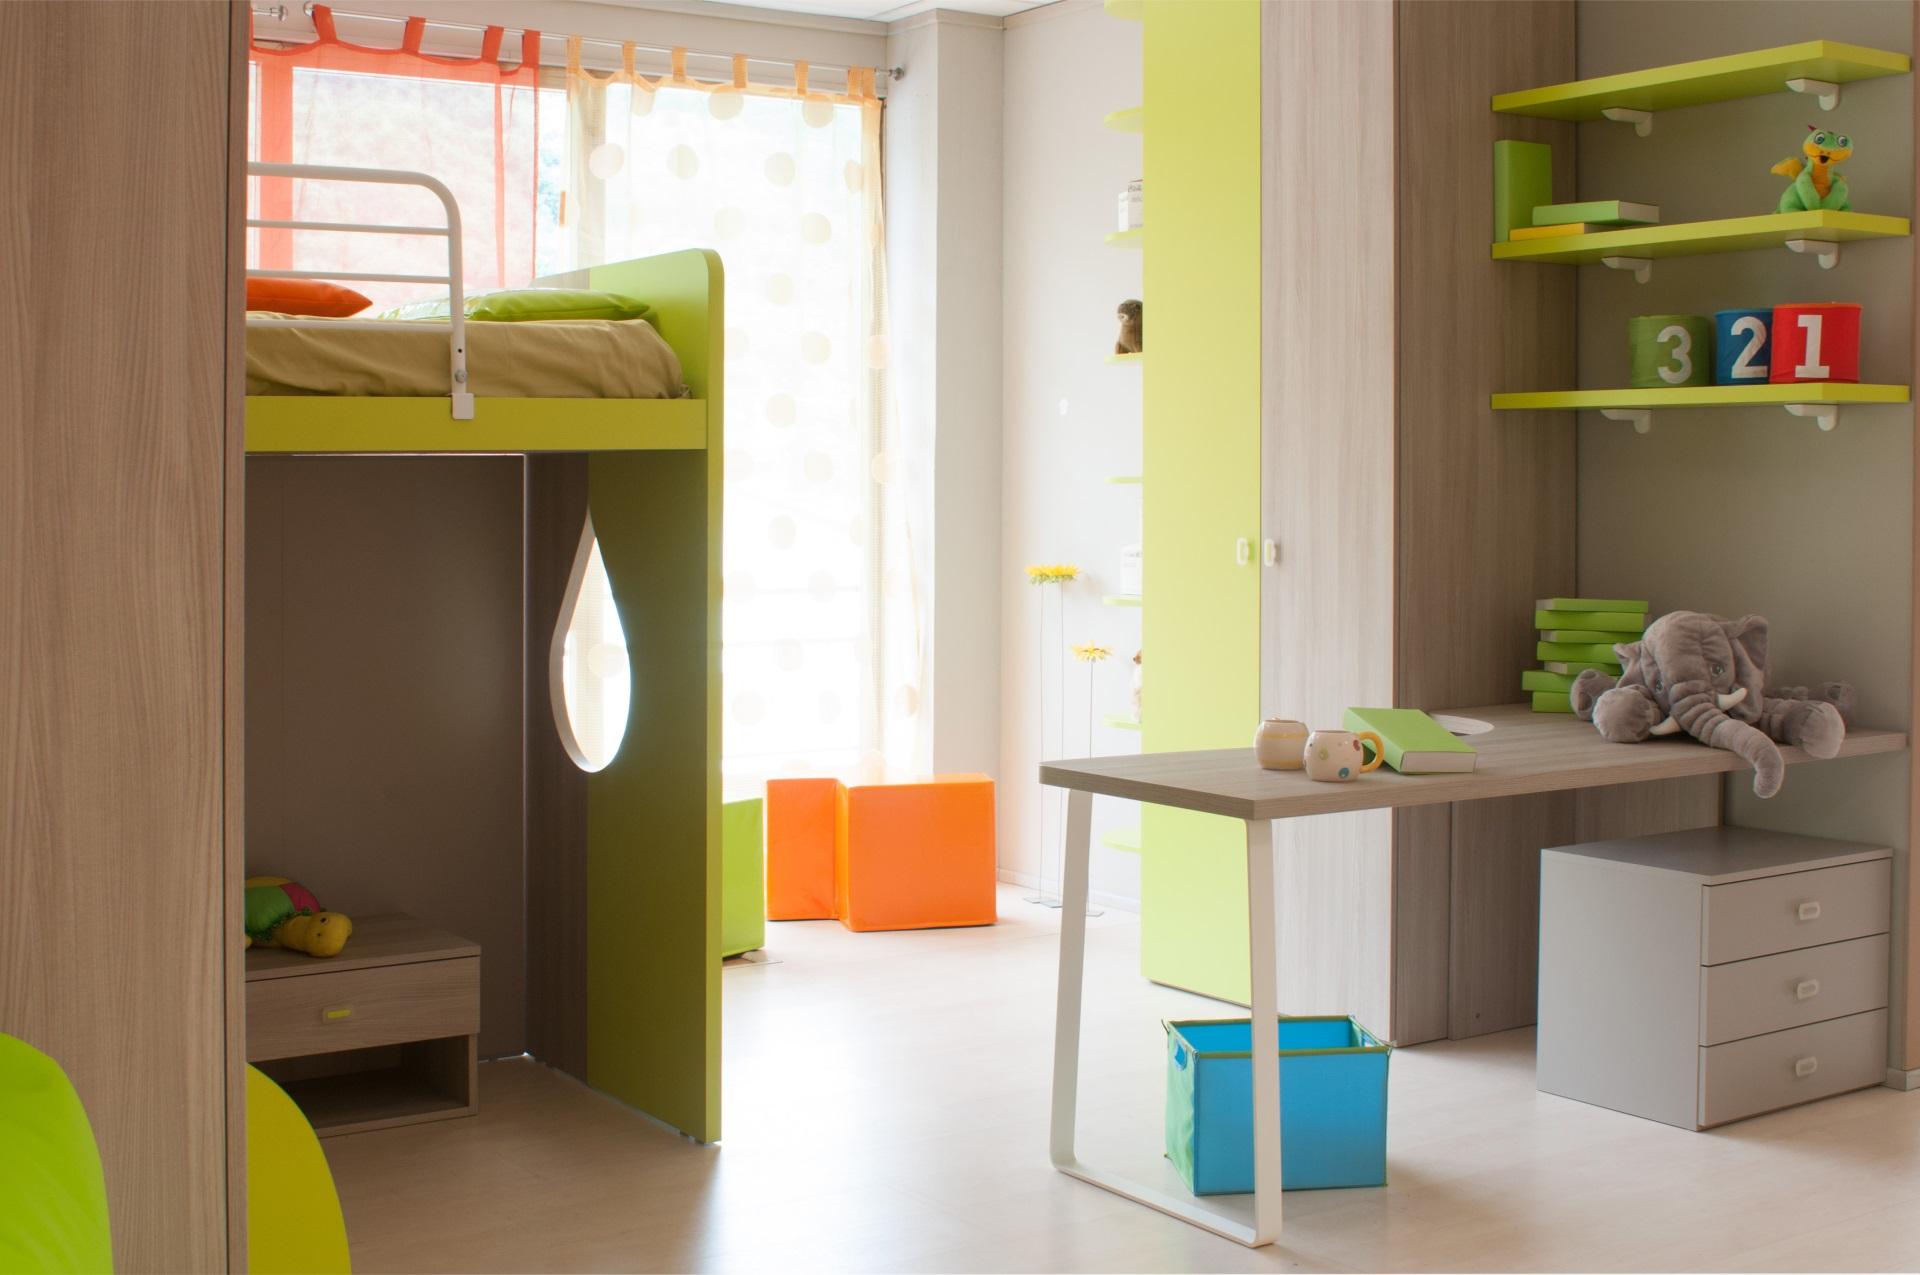 Camerette per bambini ikea - Camerete per bambini ...